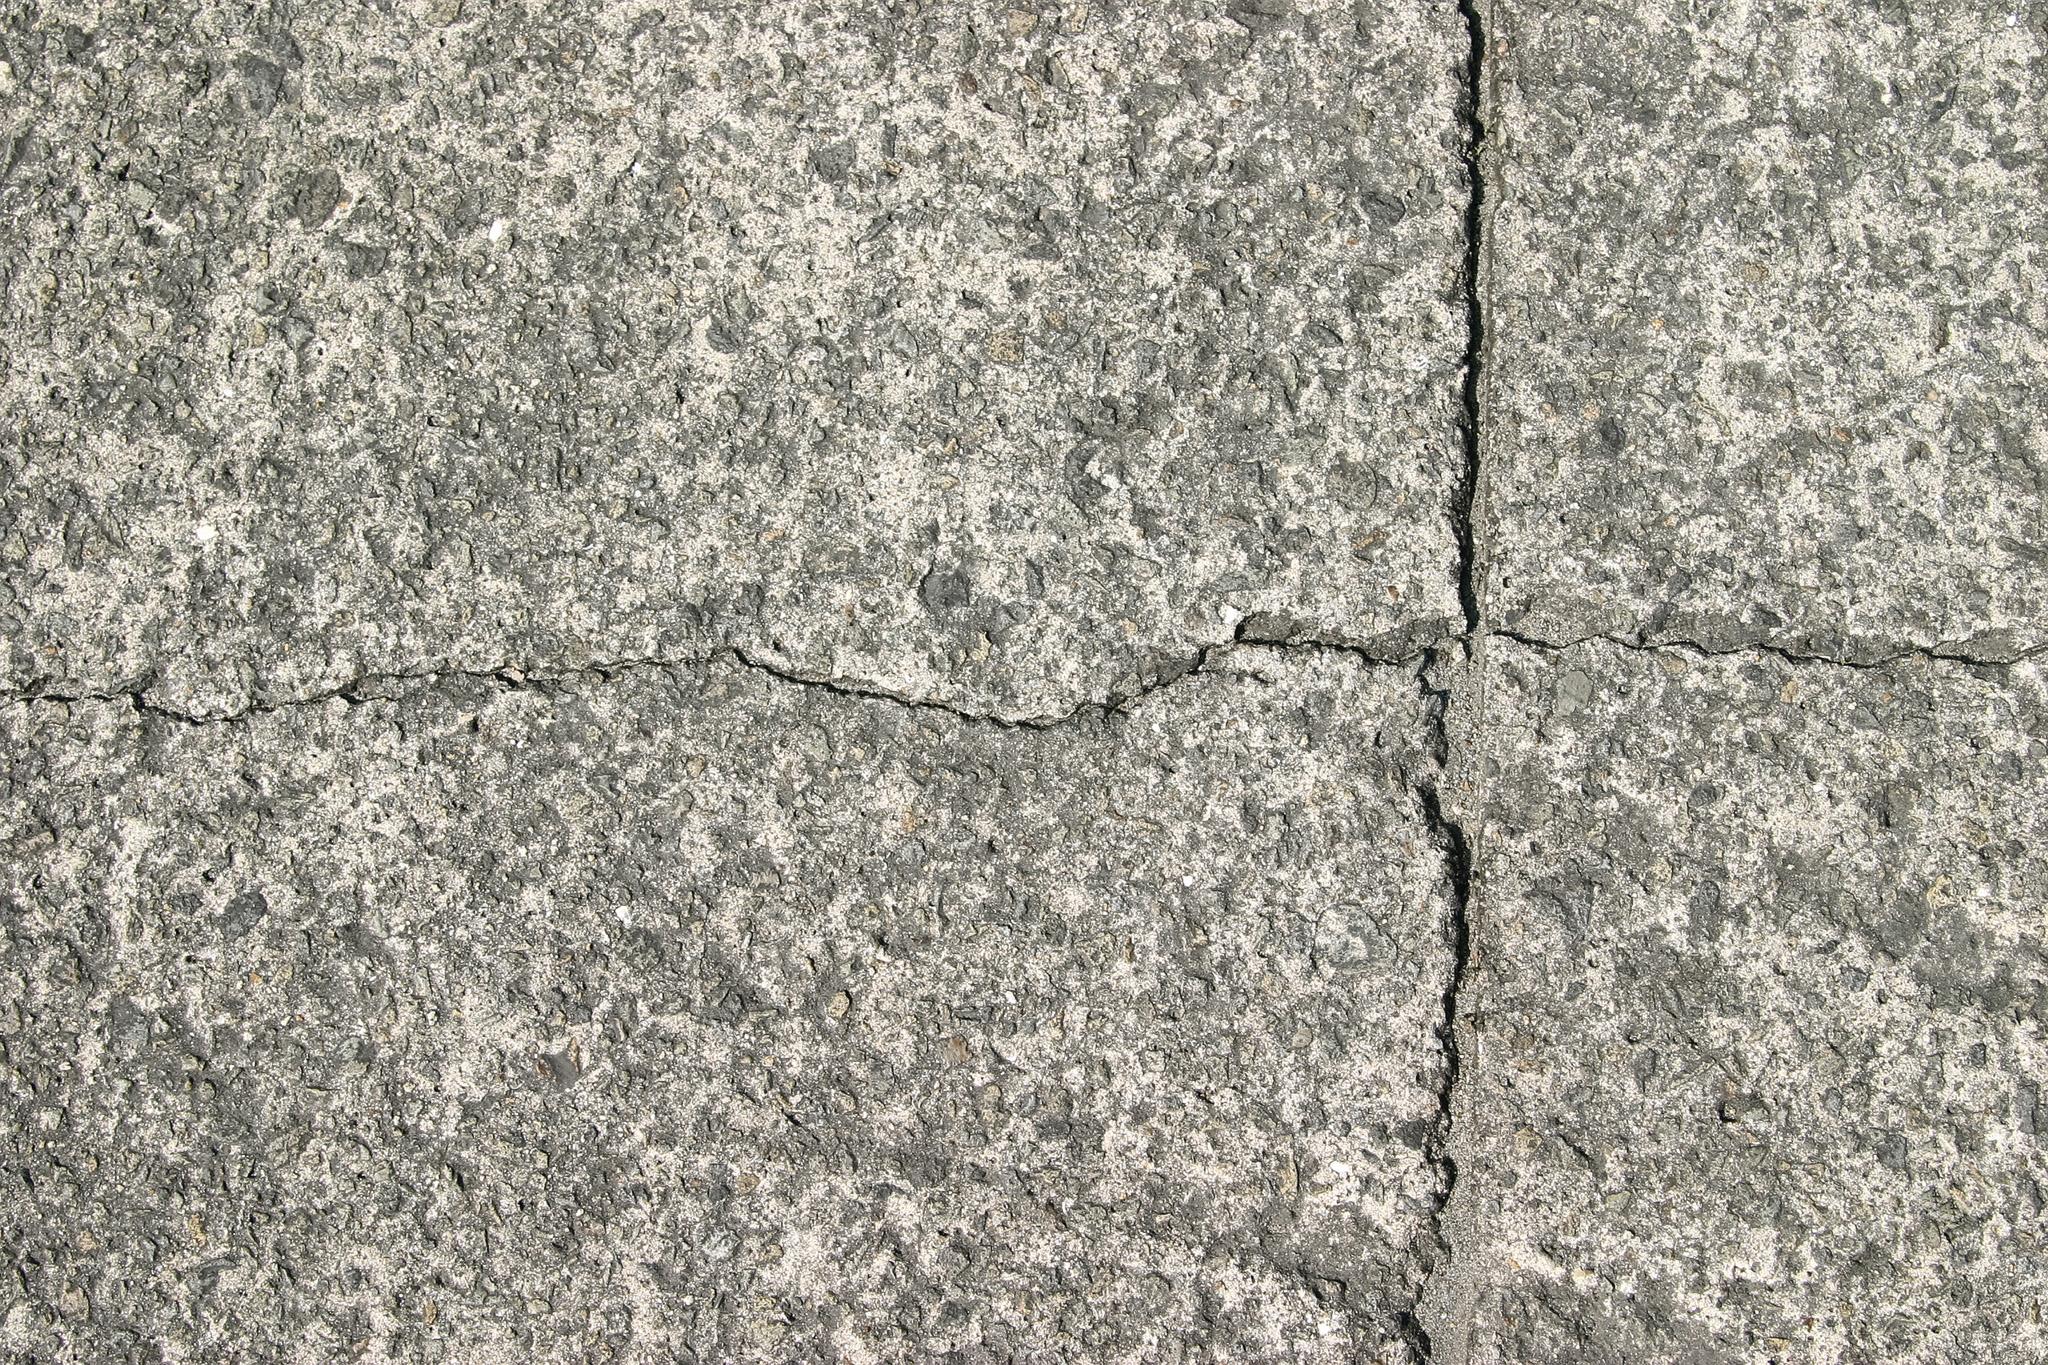 「十字にひび割れた石の表面」